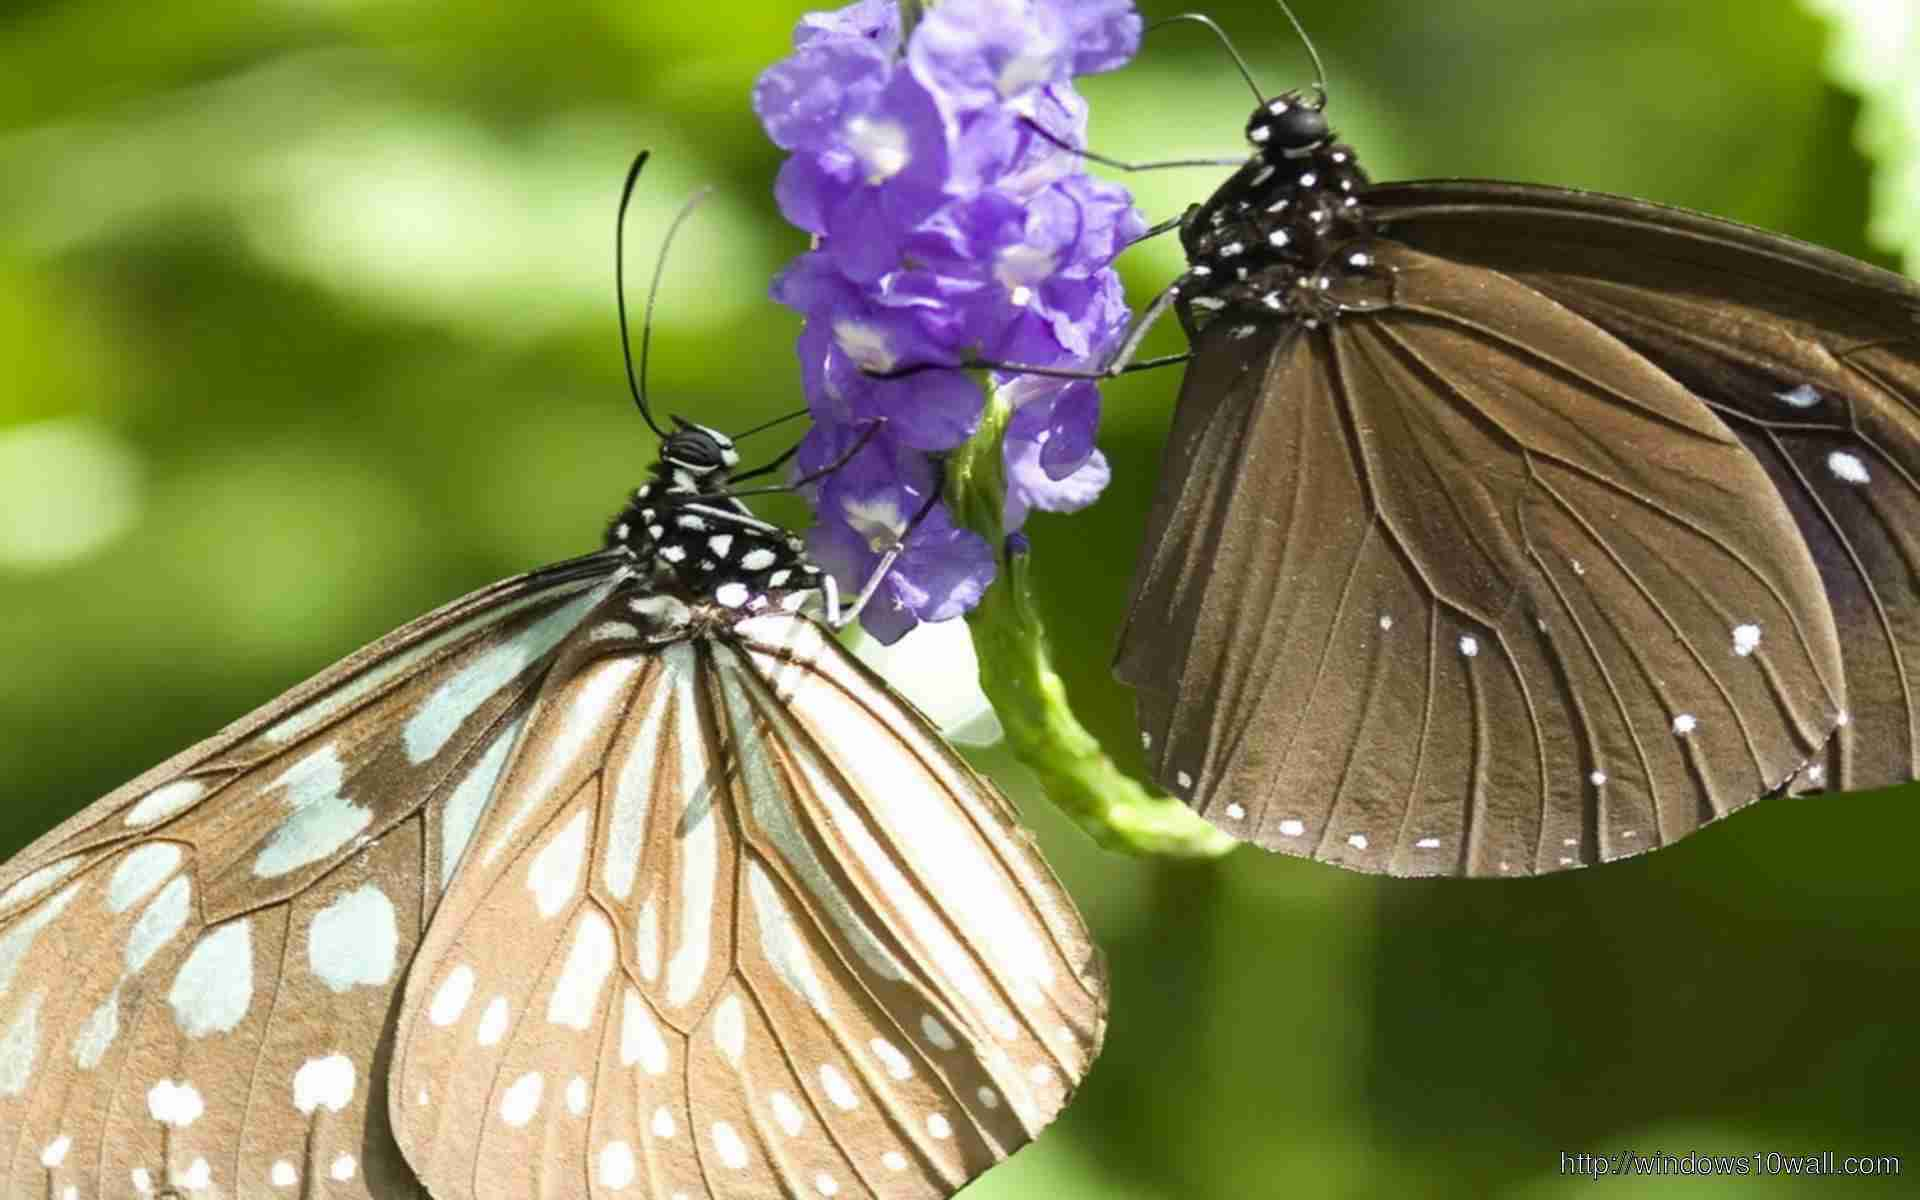 butterfly-purple-flower-wallpaper